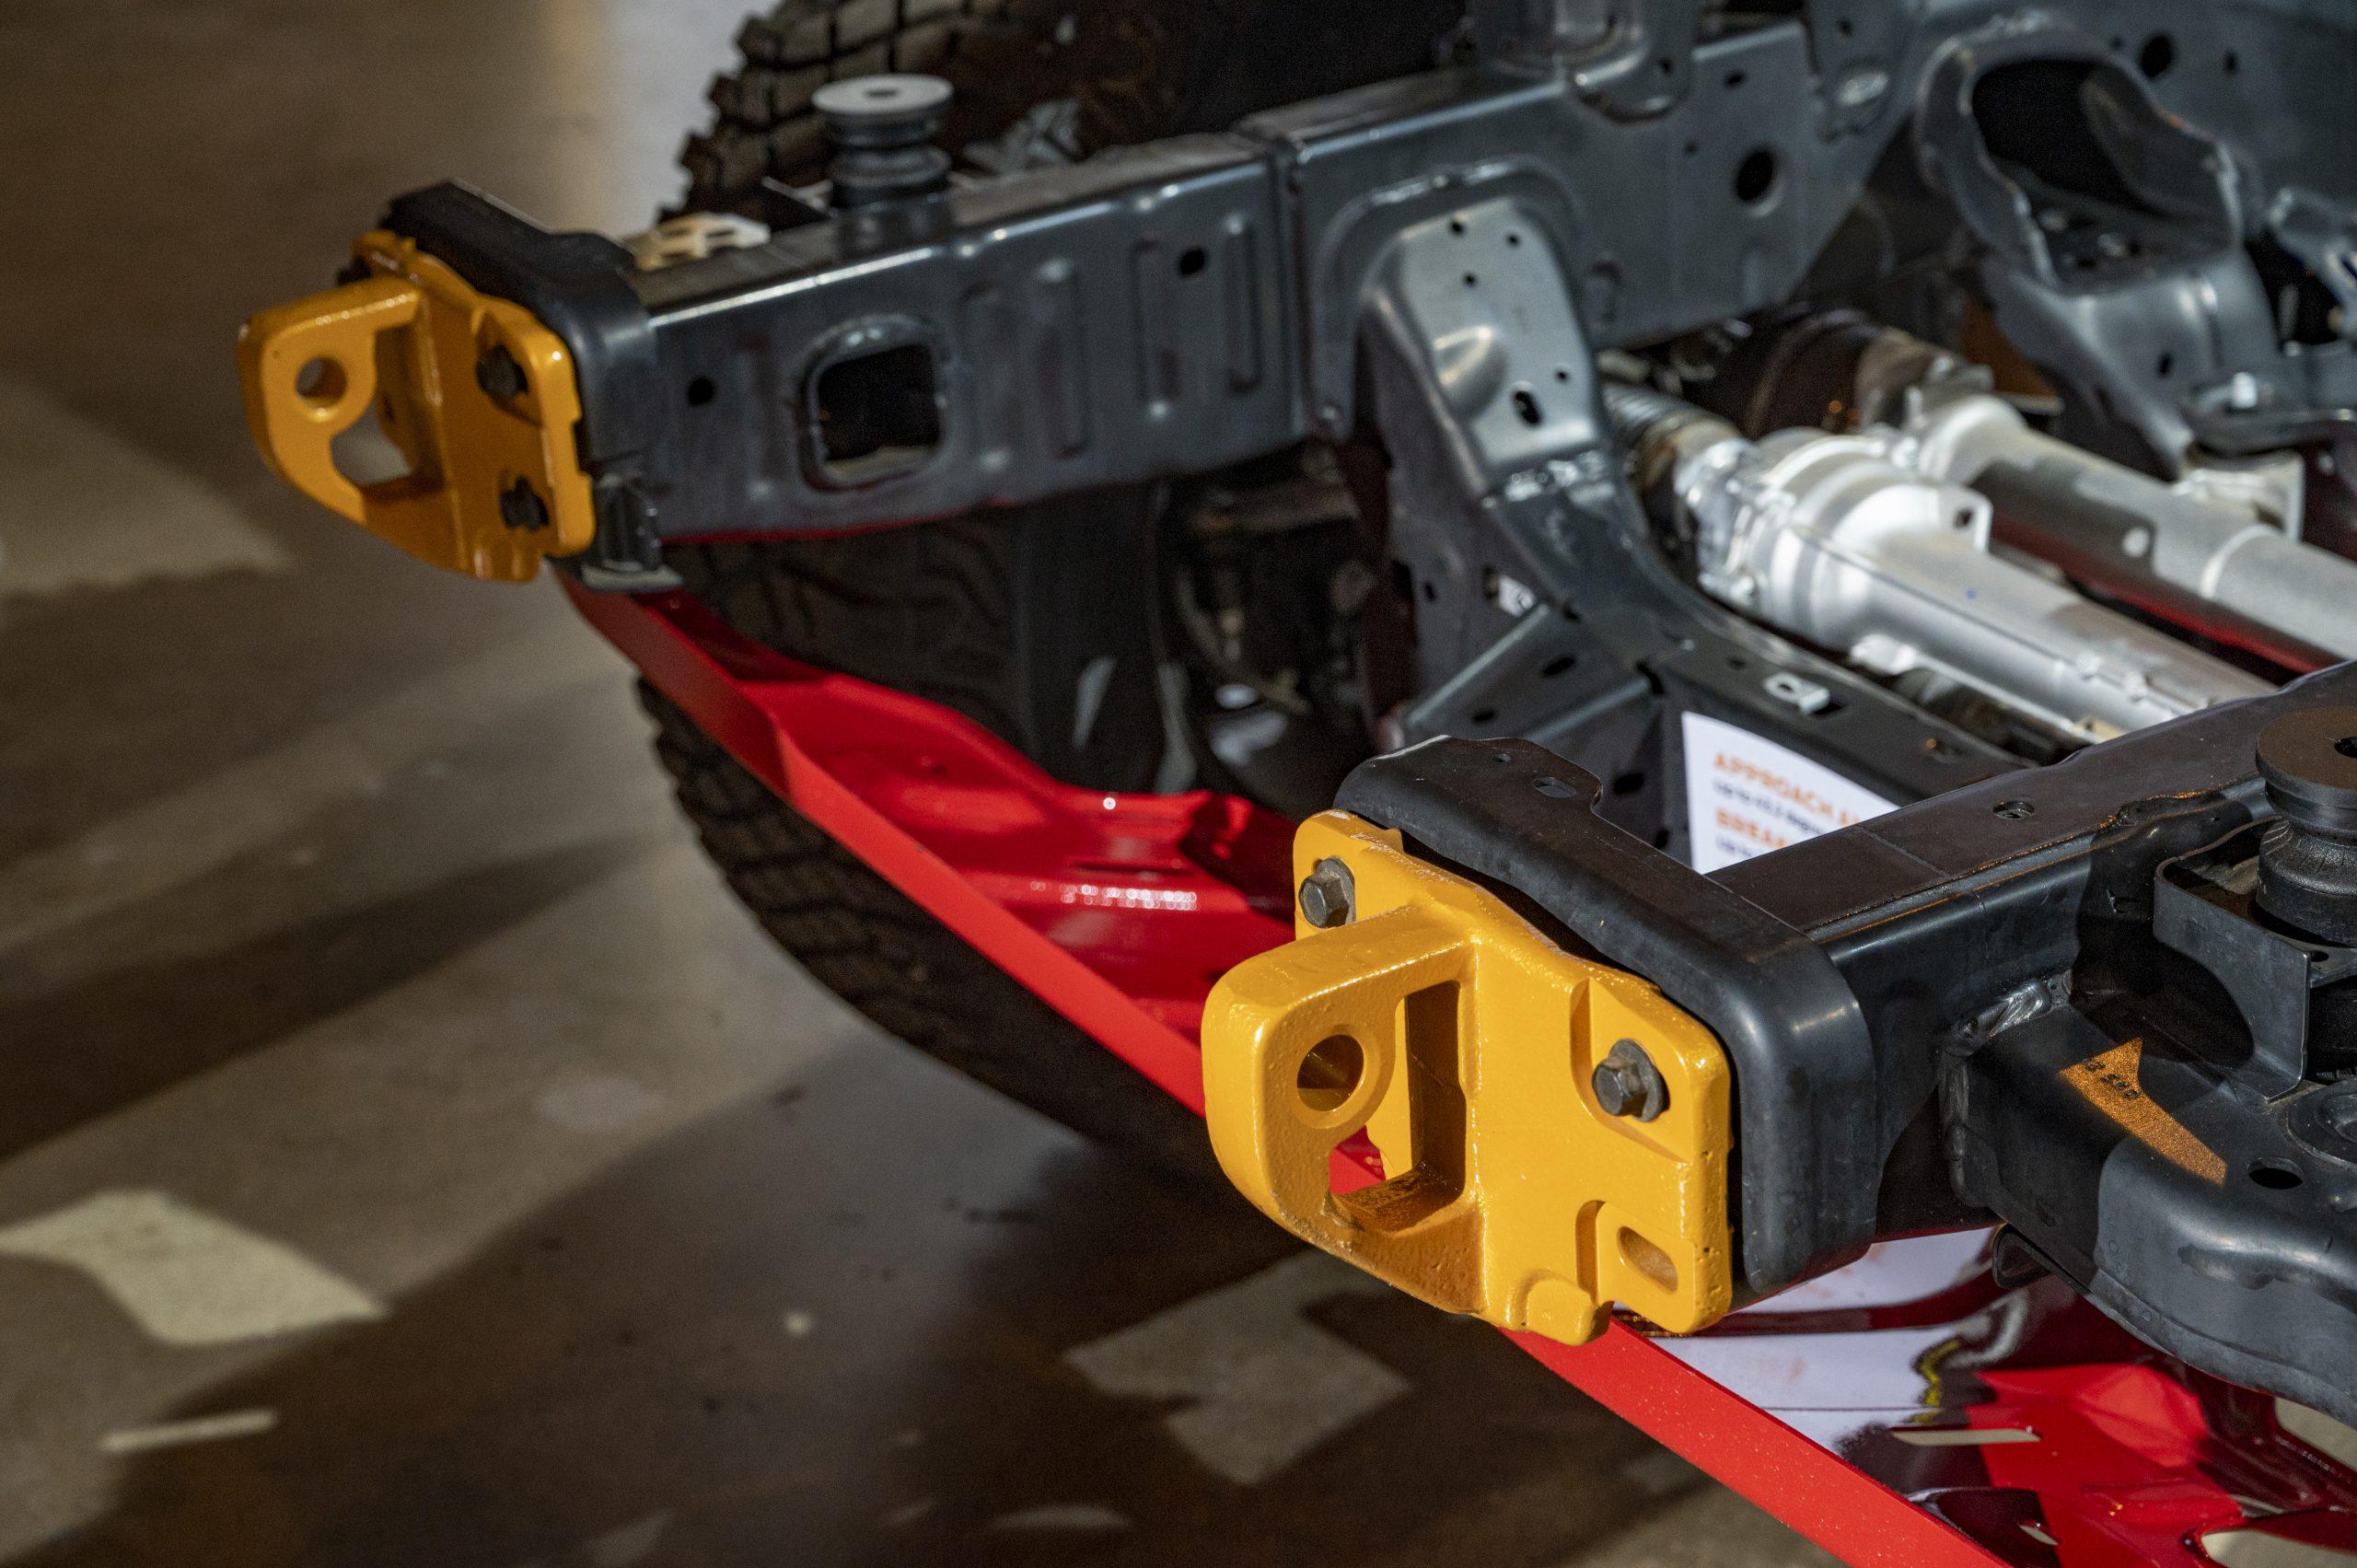 2021 Ford Bronco front frame hoods